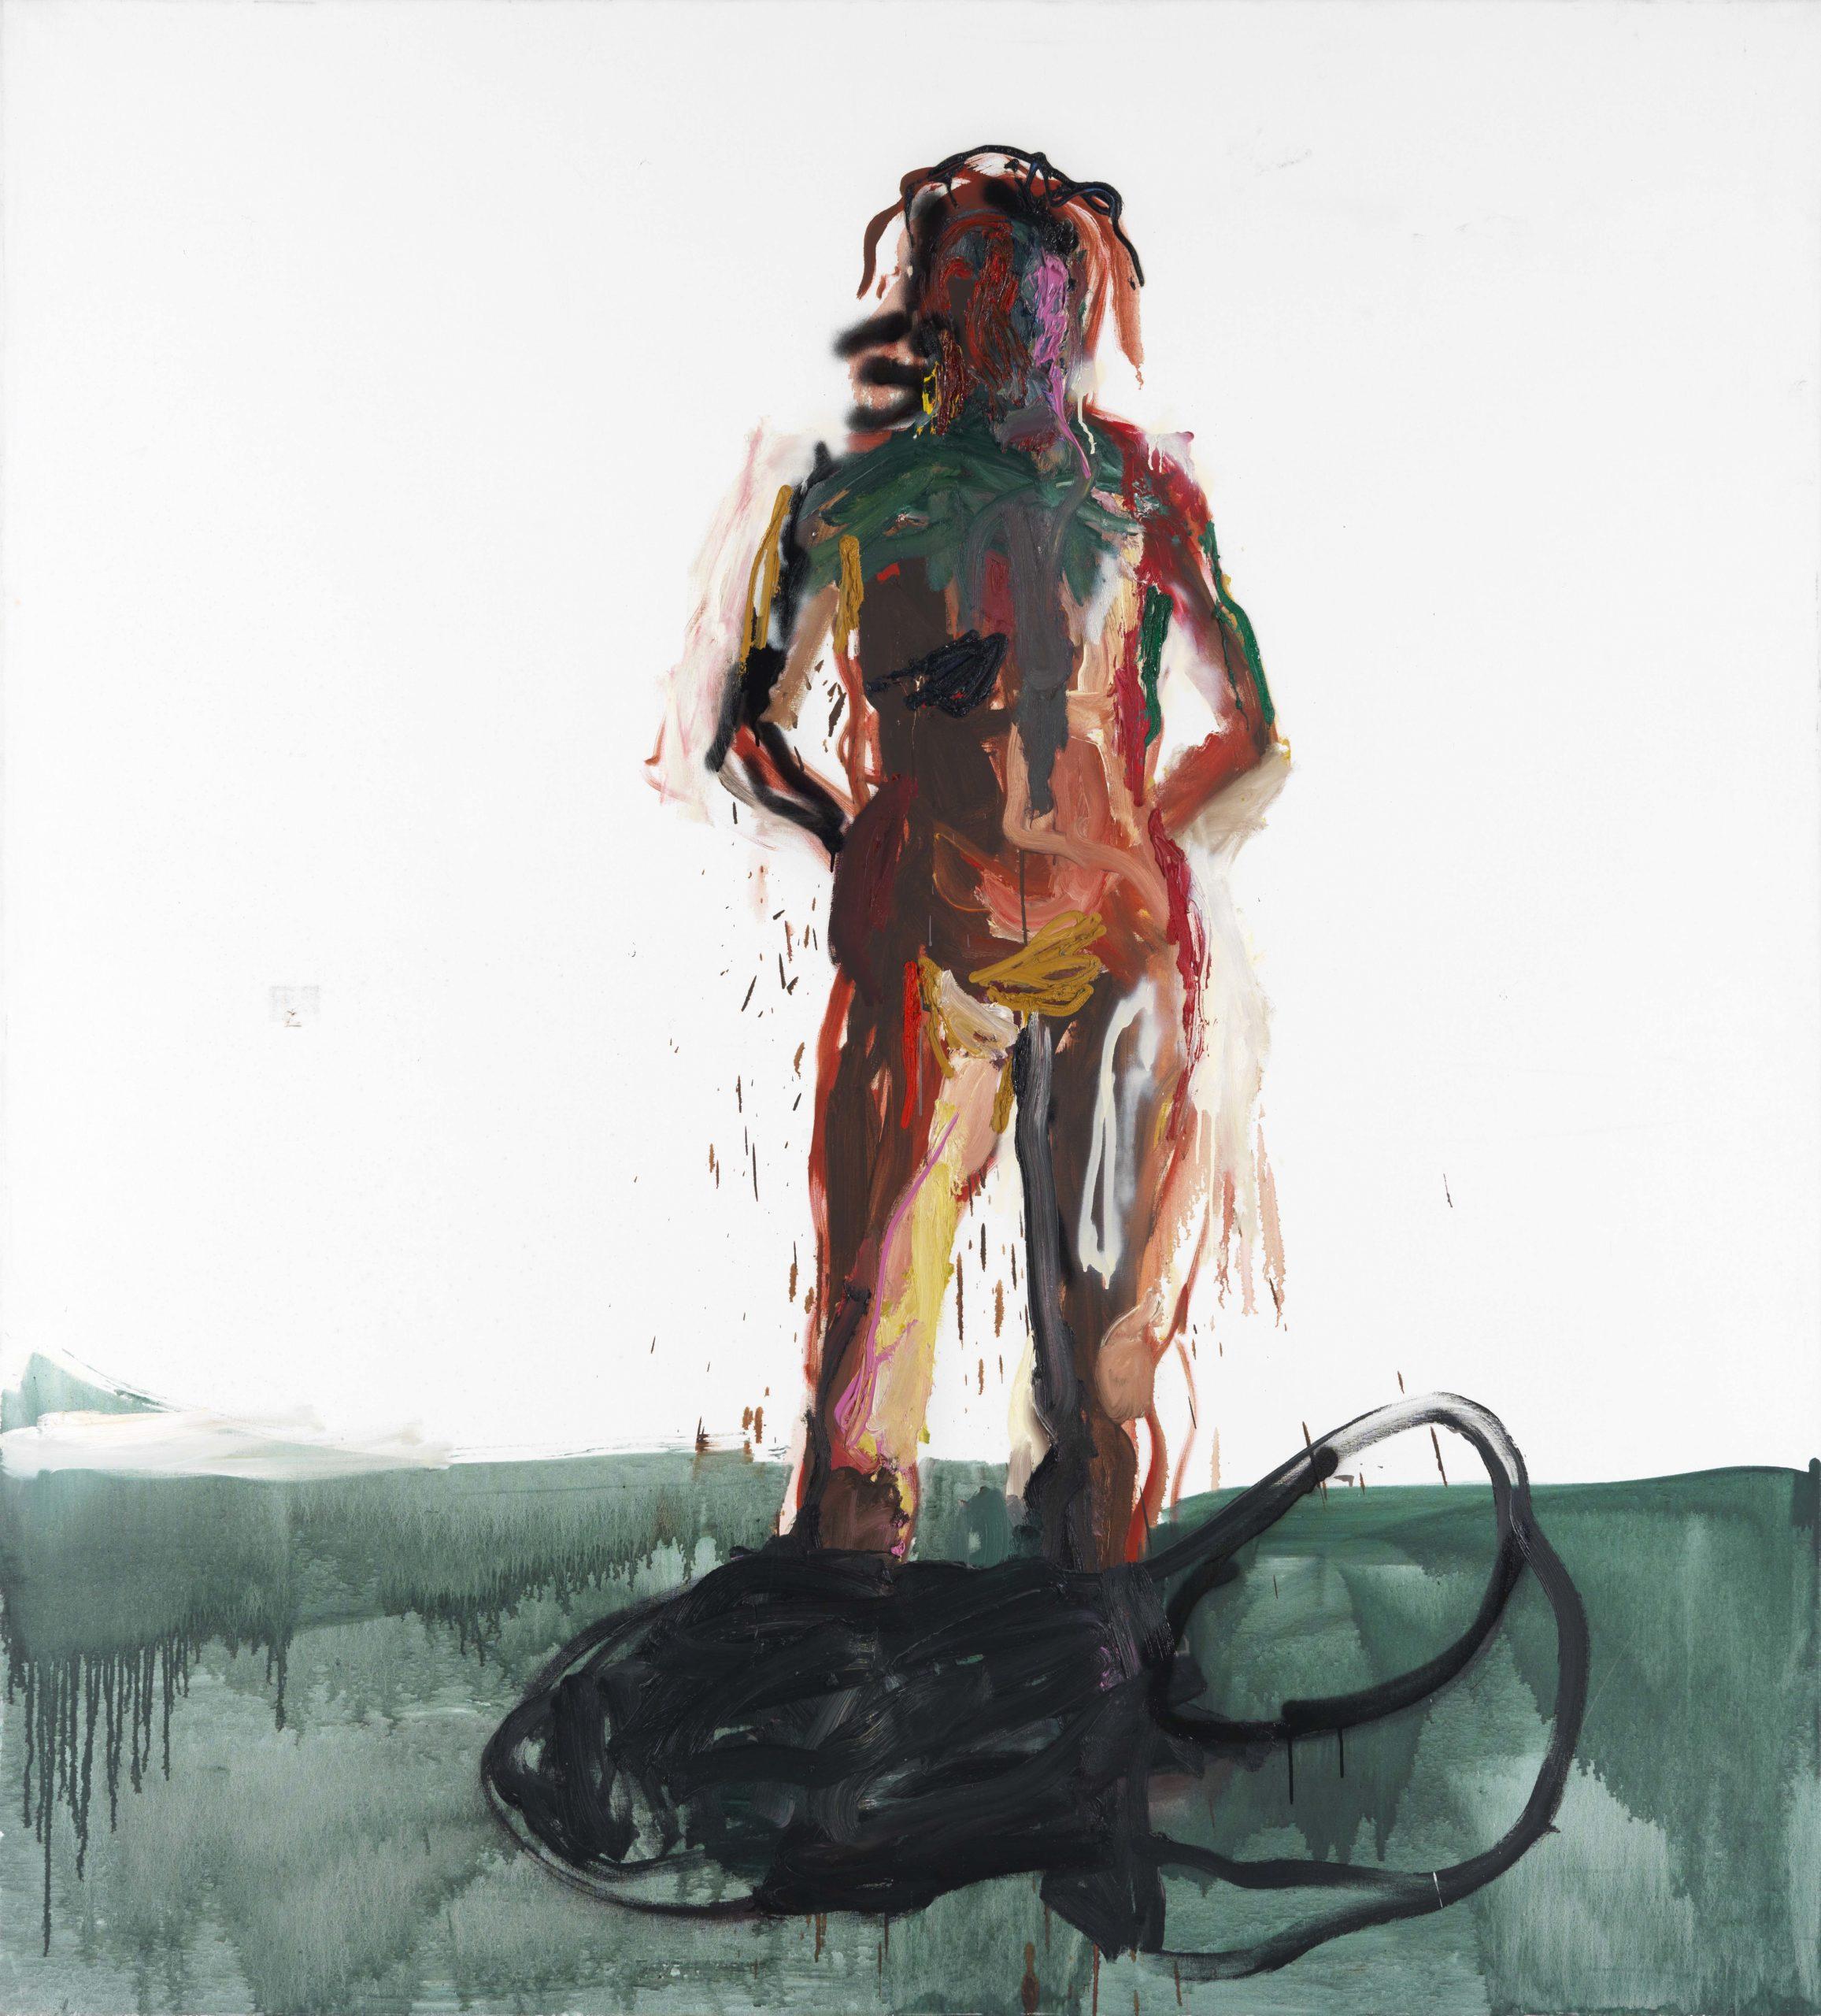 Reinhard Pods, Cordia (Cordia ist Soziologin, jetzt forscht sie in Wurzn), 1991, oil on canvas, 220 x 200 cm